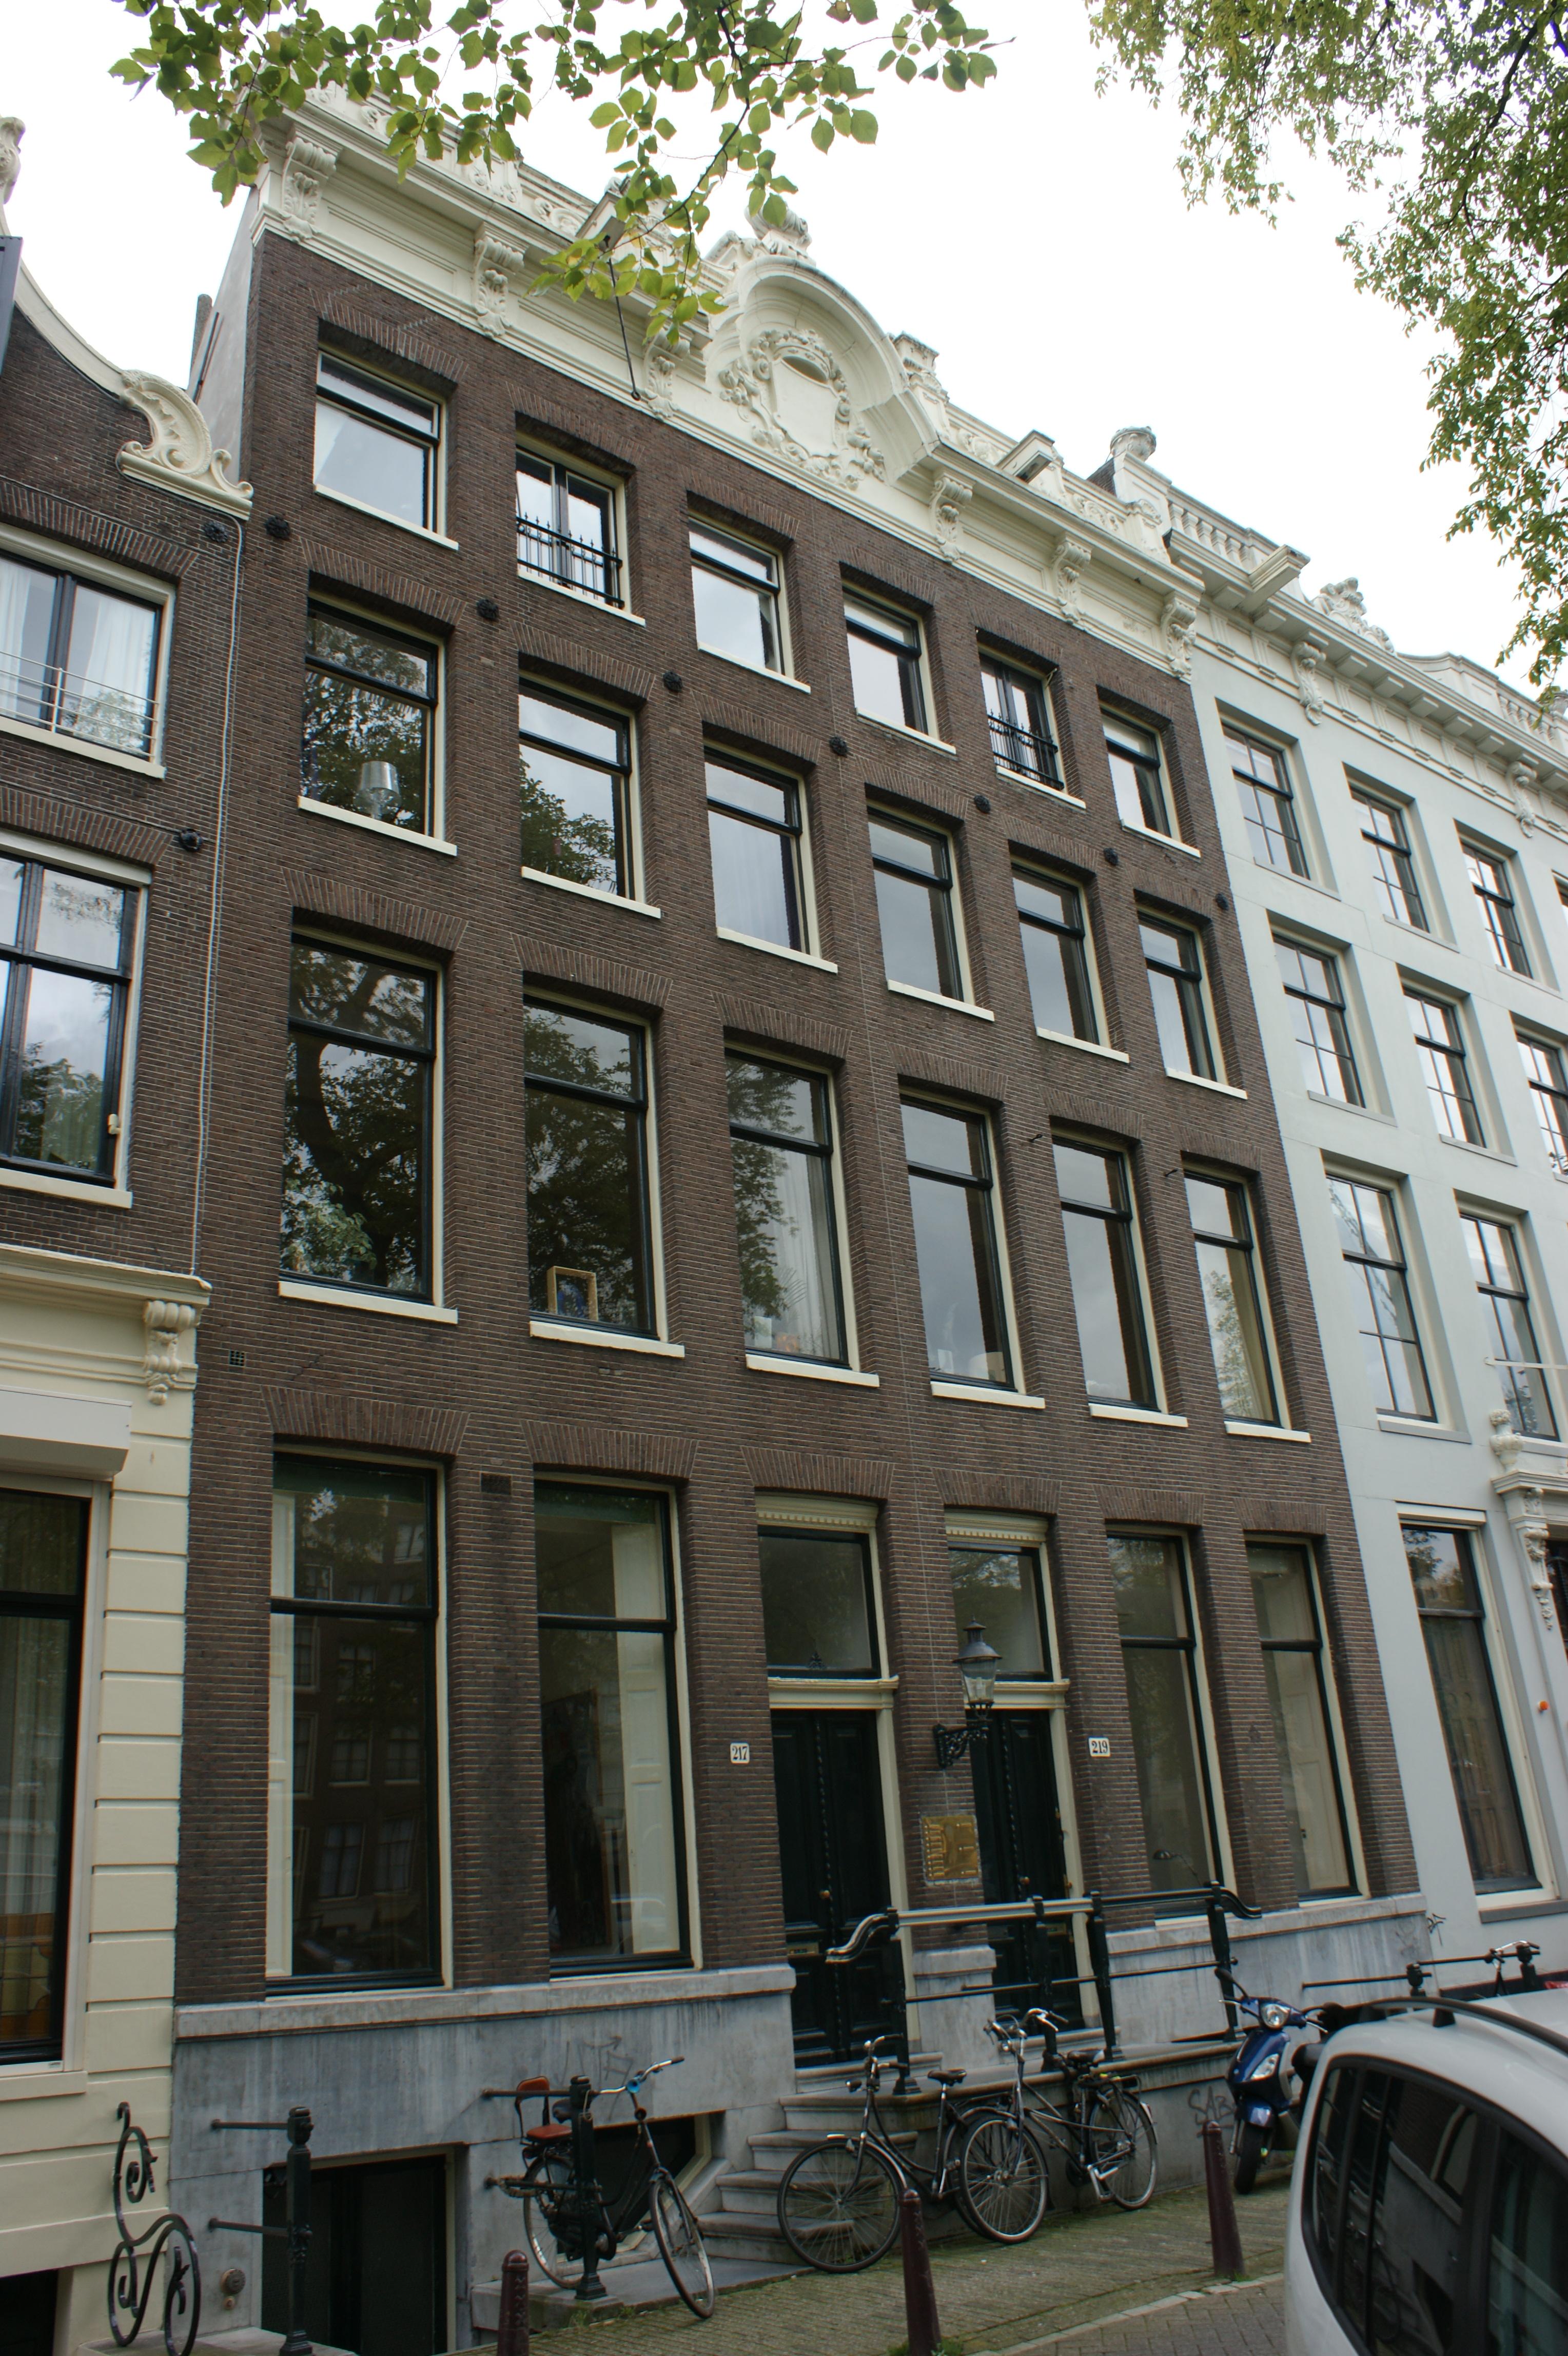 Huis achter gezamenlijke gevel met het nr 217 onder verhoogde lijst met consoles empire deur in - Huis gevel ...